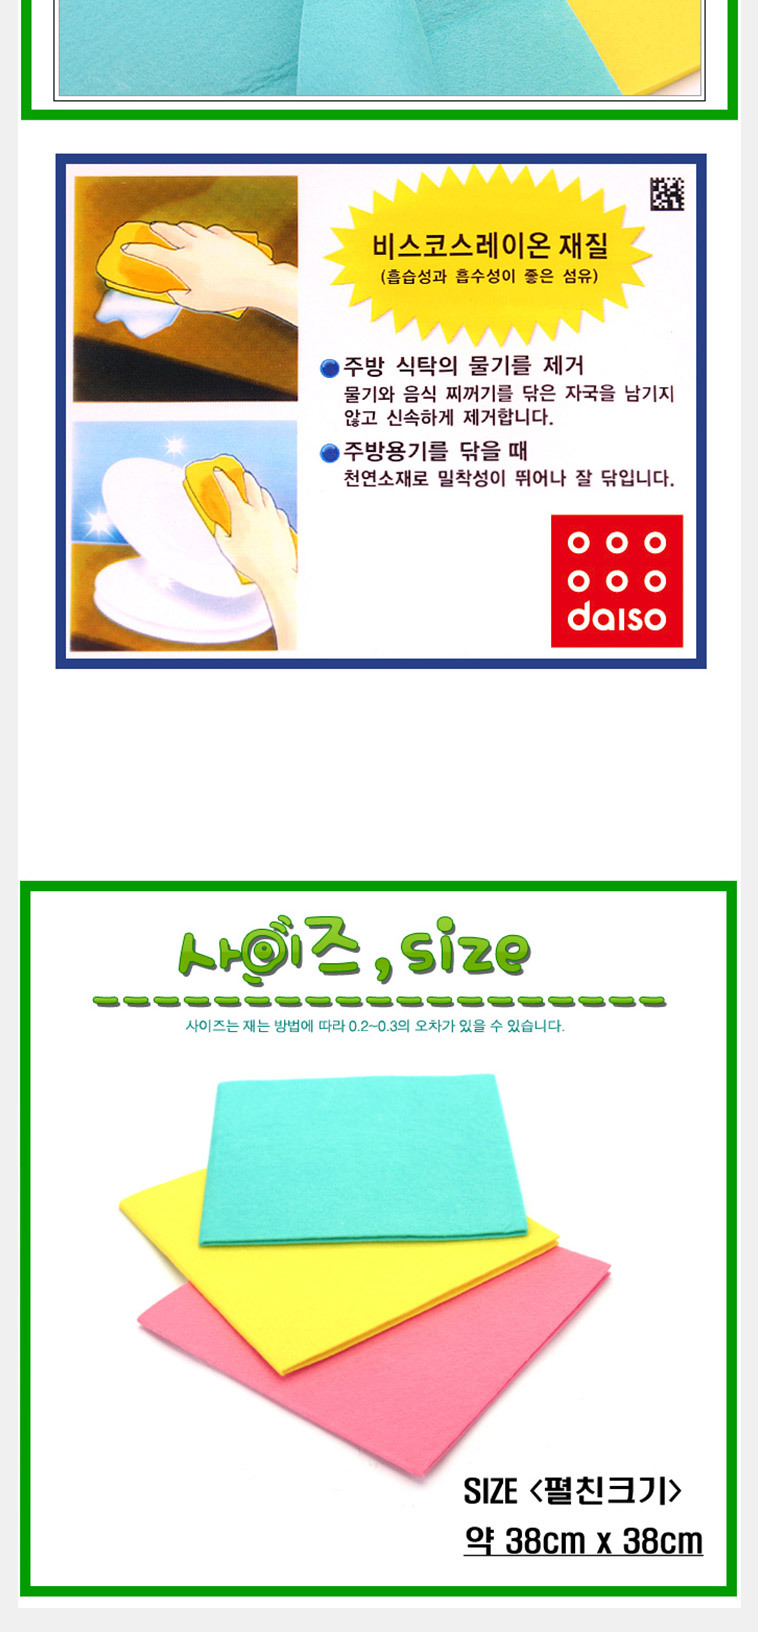 다이소몰 인기상품 88종 총모음전! - 상세정보